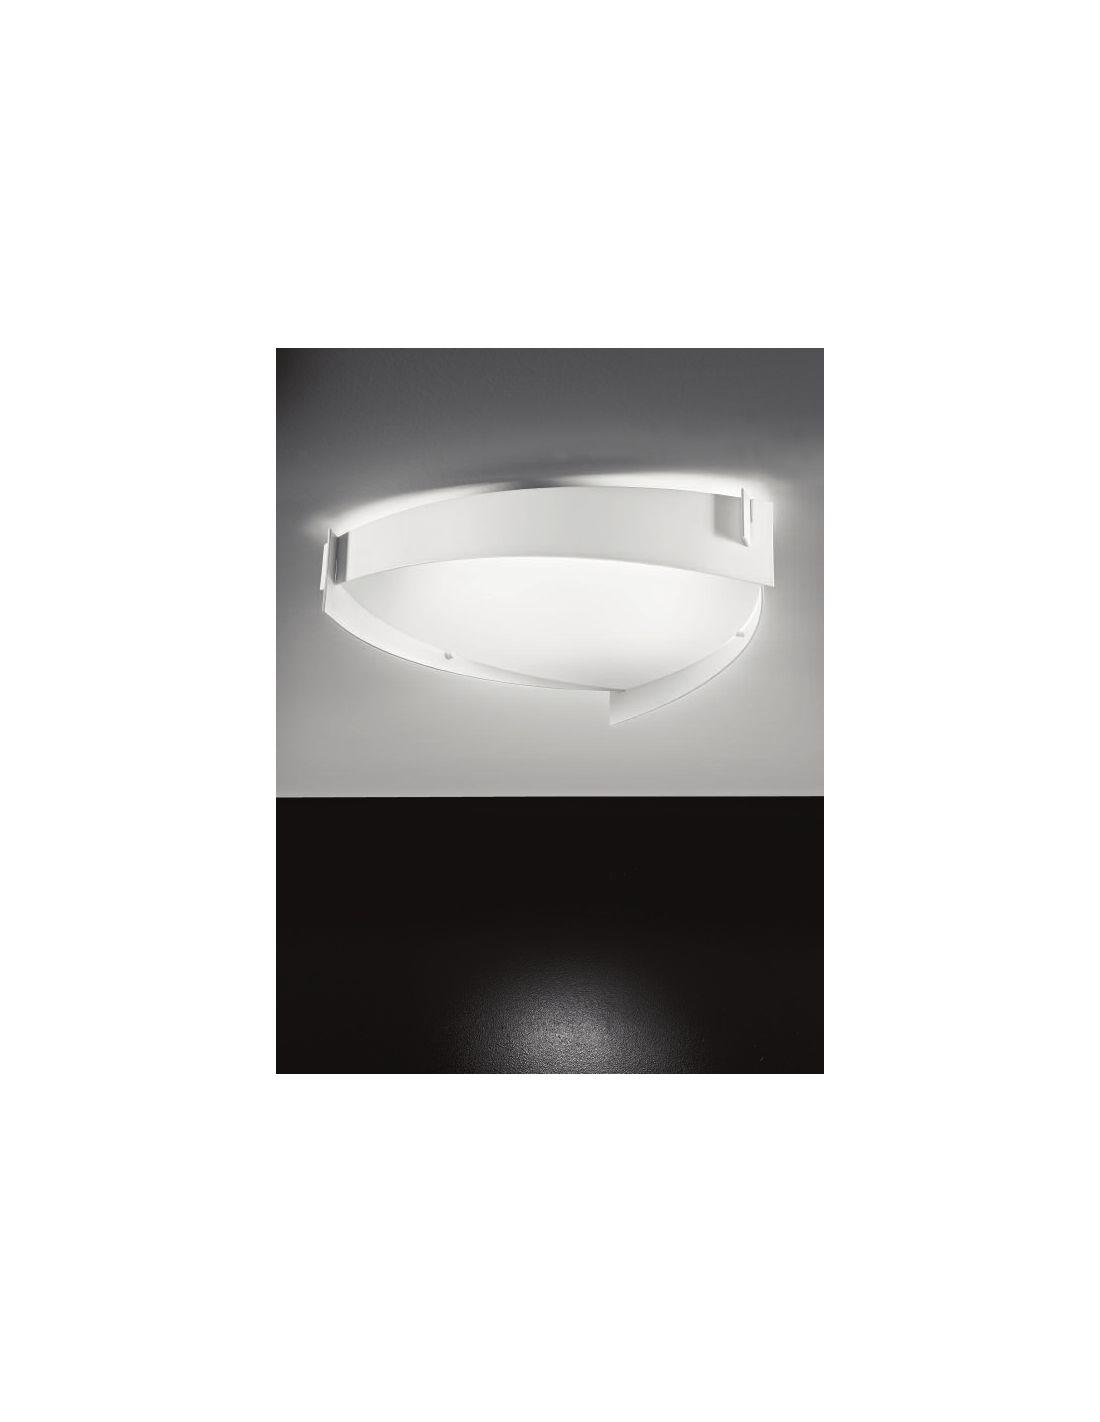 lampadari moderni a soffitto : ... > Illuminazione > Lampade a soffitto > Class E400 plafoniera mod...